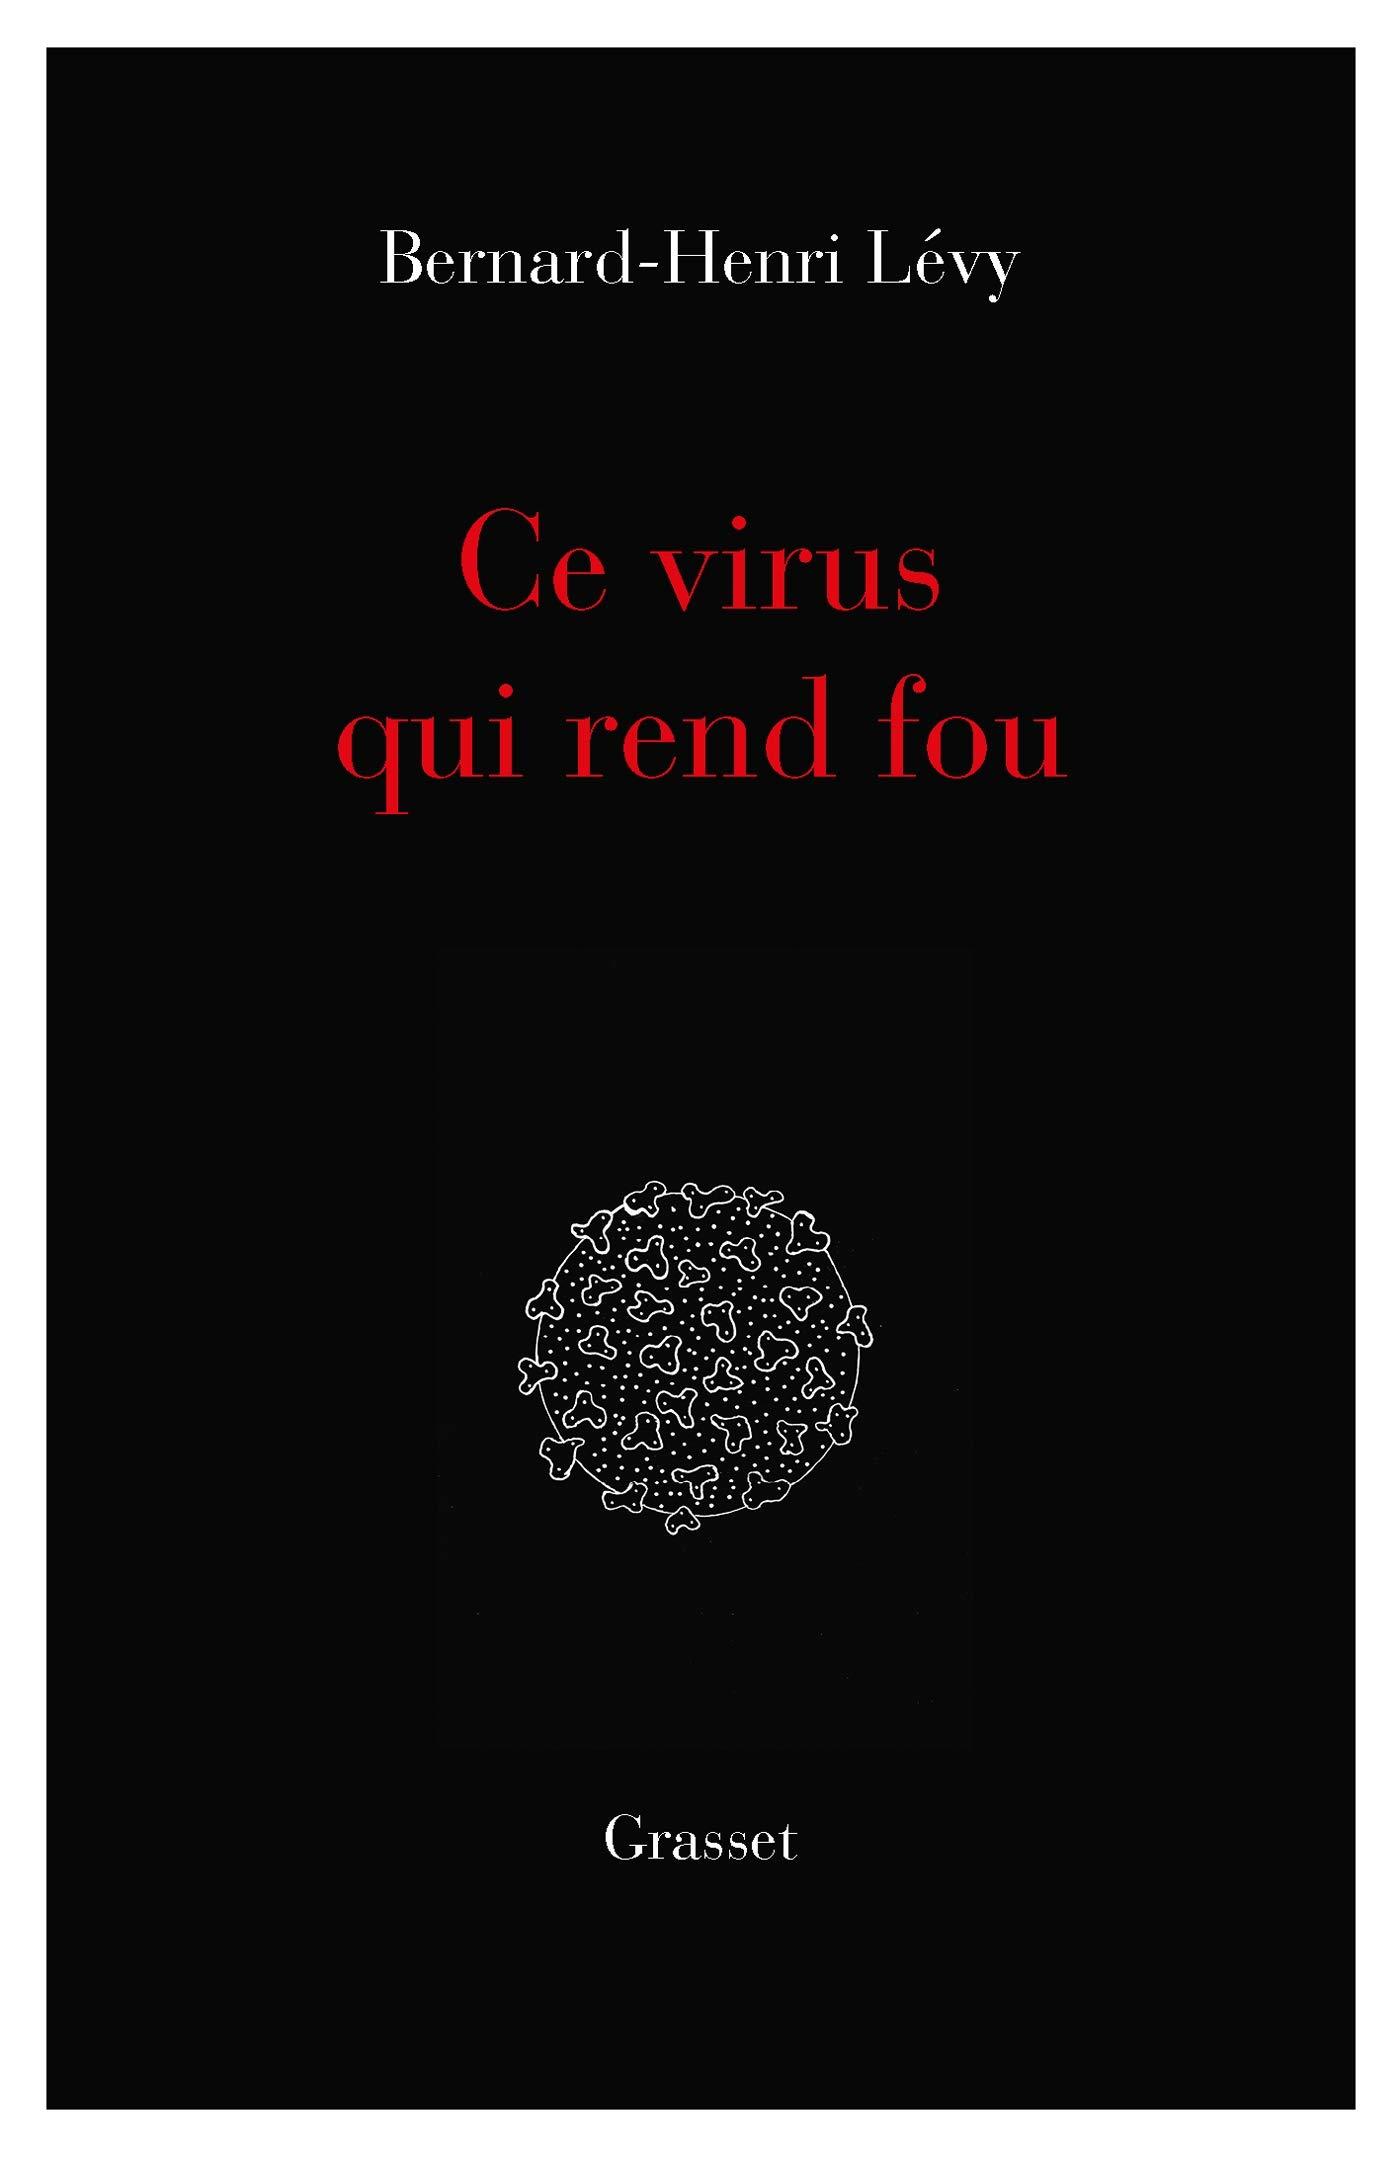 Ce virus qui  rend fou: essai par Bernard-Henri Lévy